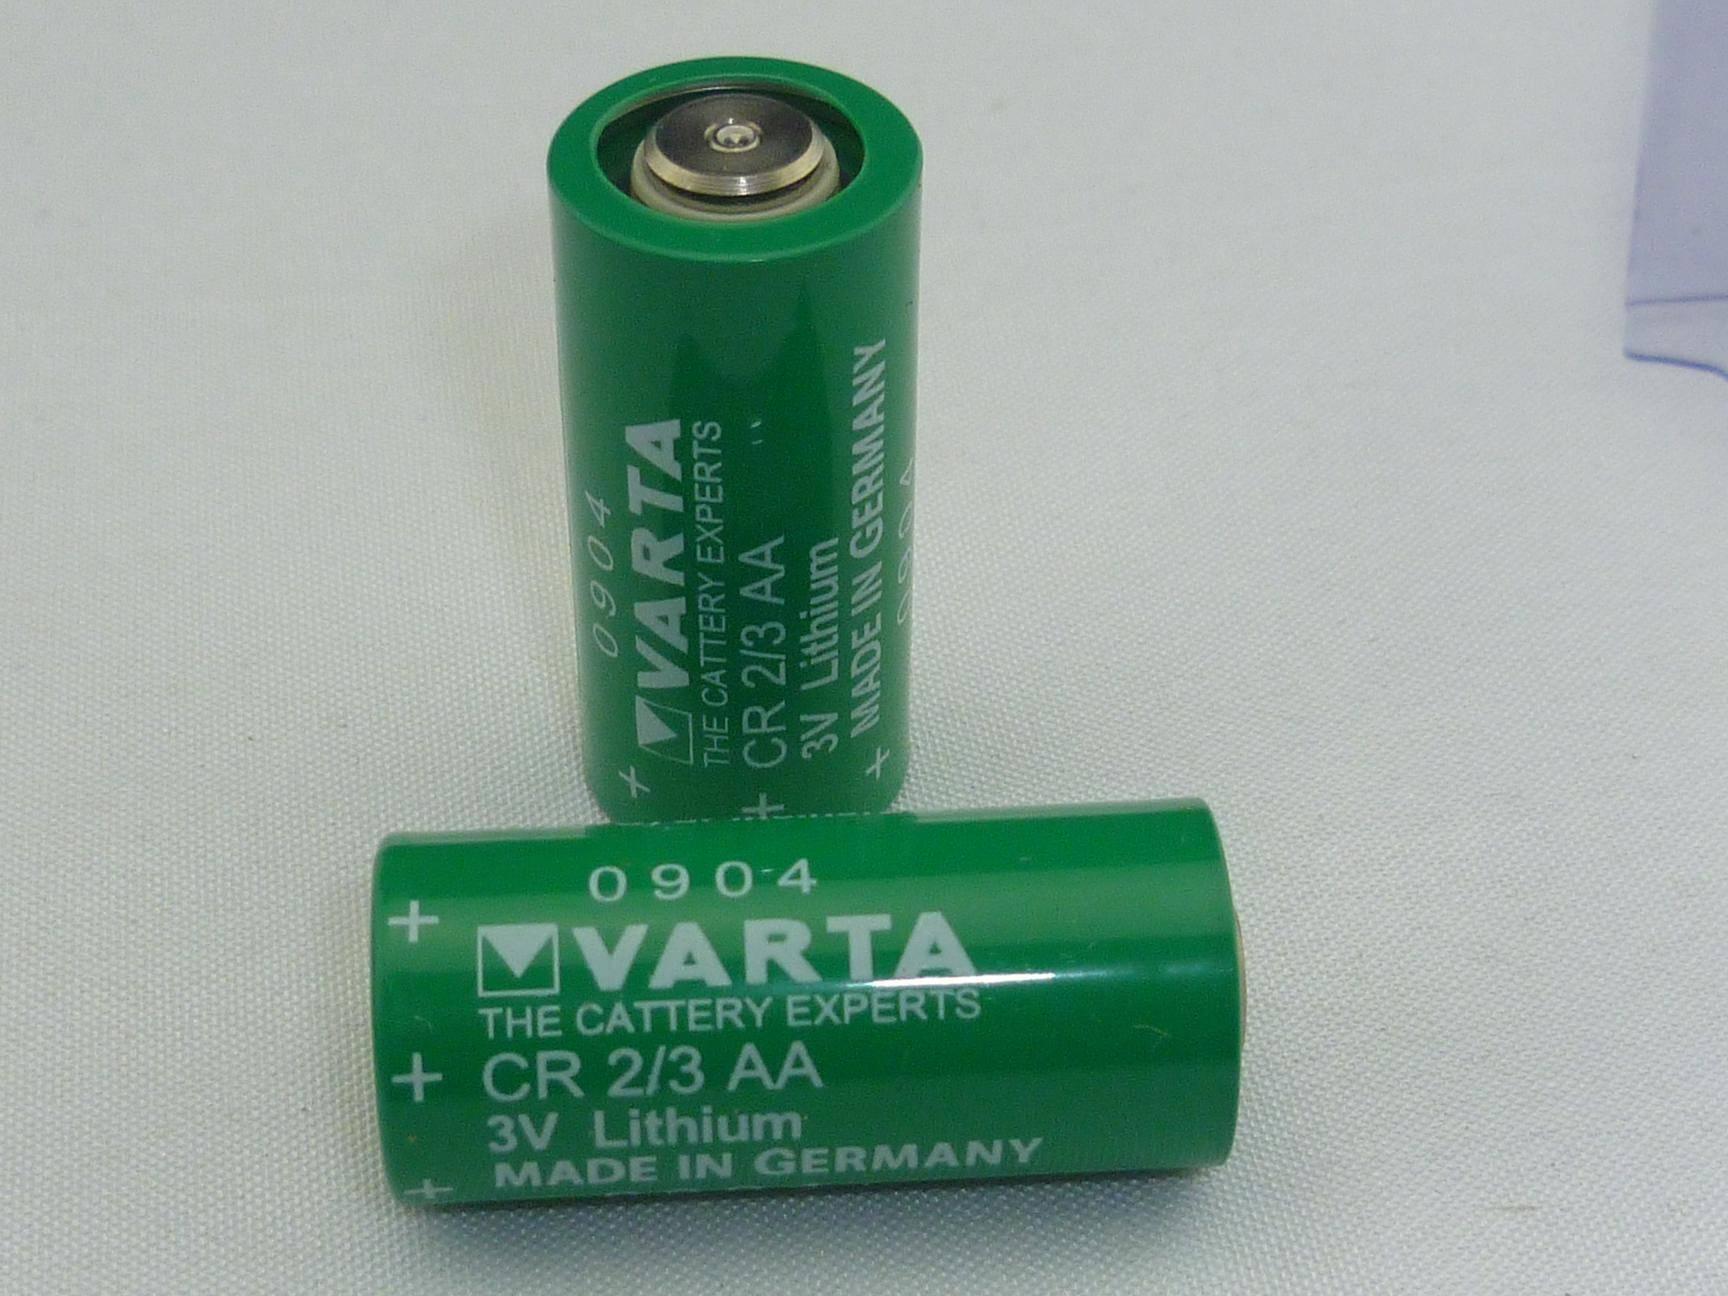 3V Lithium Battery CR2/3AA(VARTA)